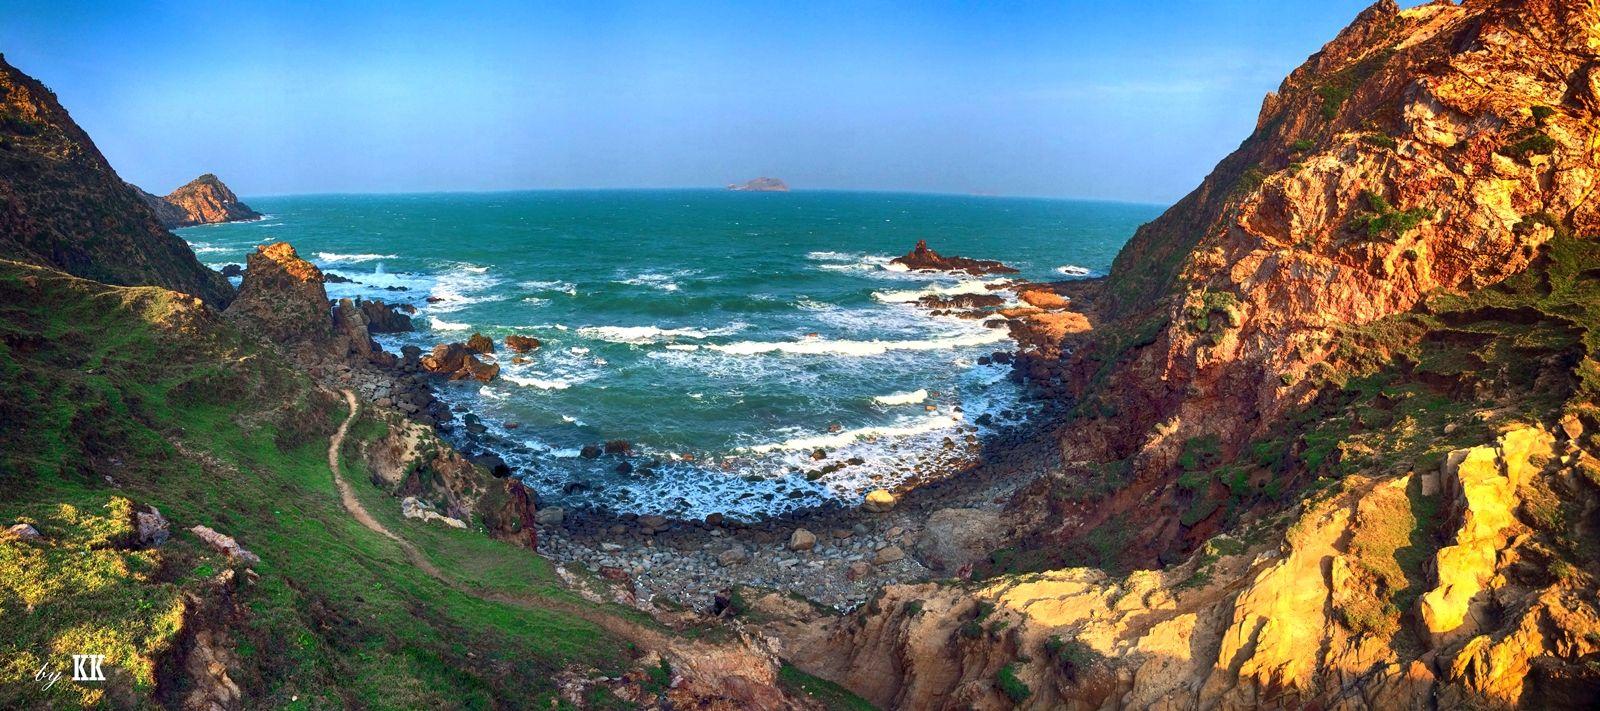 7 Thien đường Co Thật Tại Việt Nam Noi Ma Chẳng Ai Tin Du Lịch Tours Bai Biển